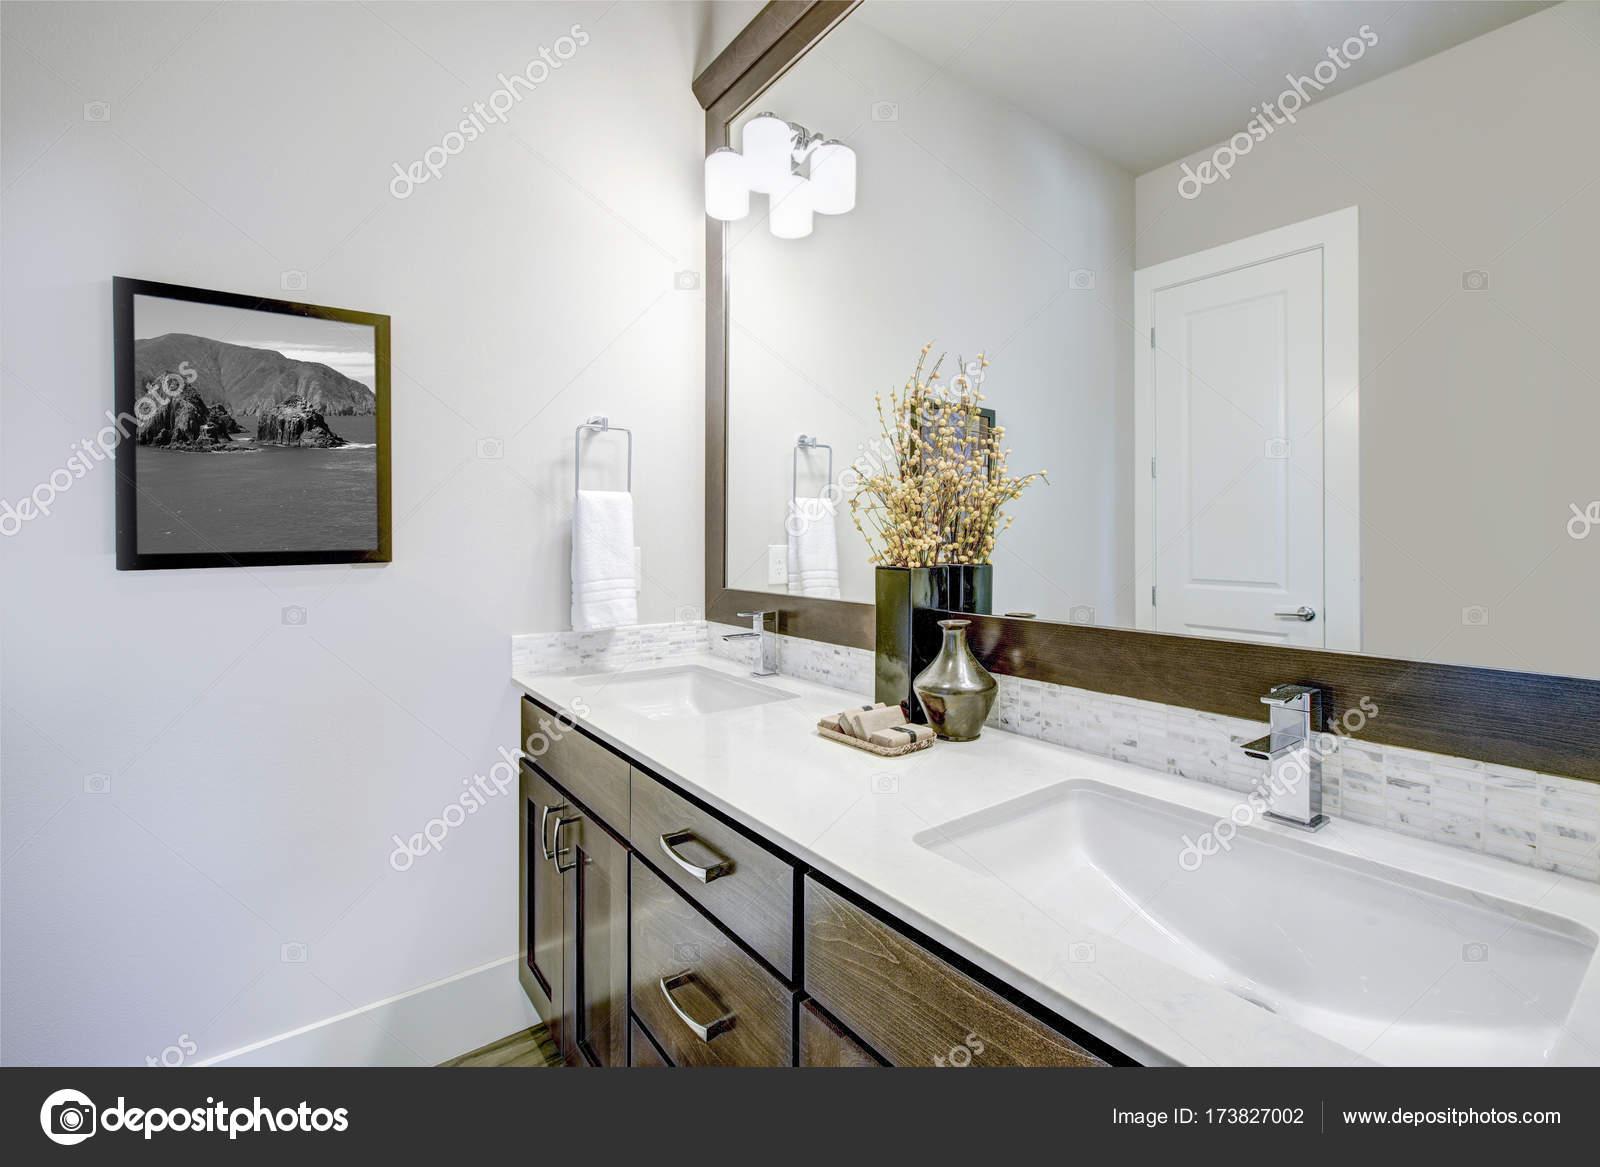 Bagno Marrone Scuro : Bel bagno con armadietto di vanità marrone scuro u foto stock